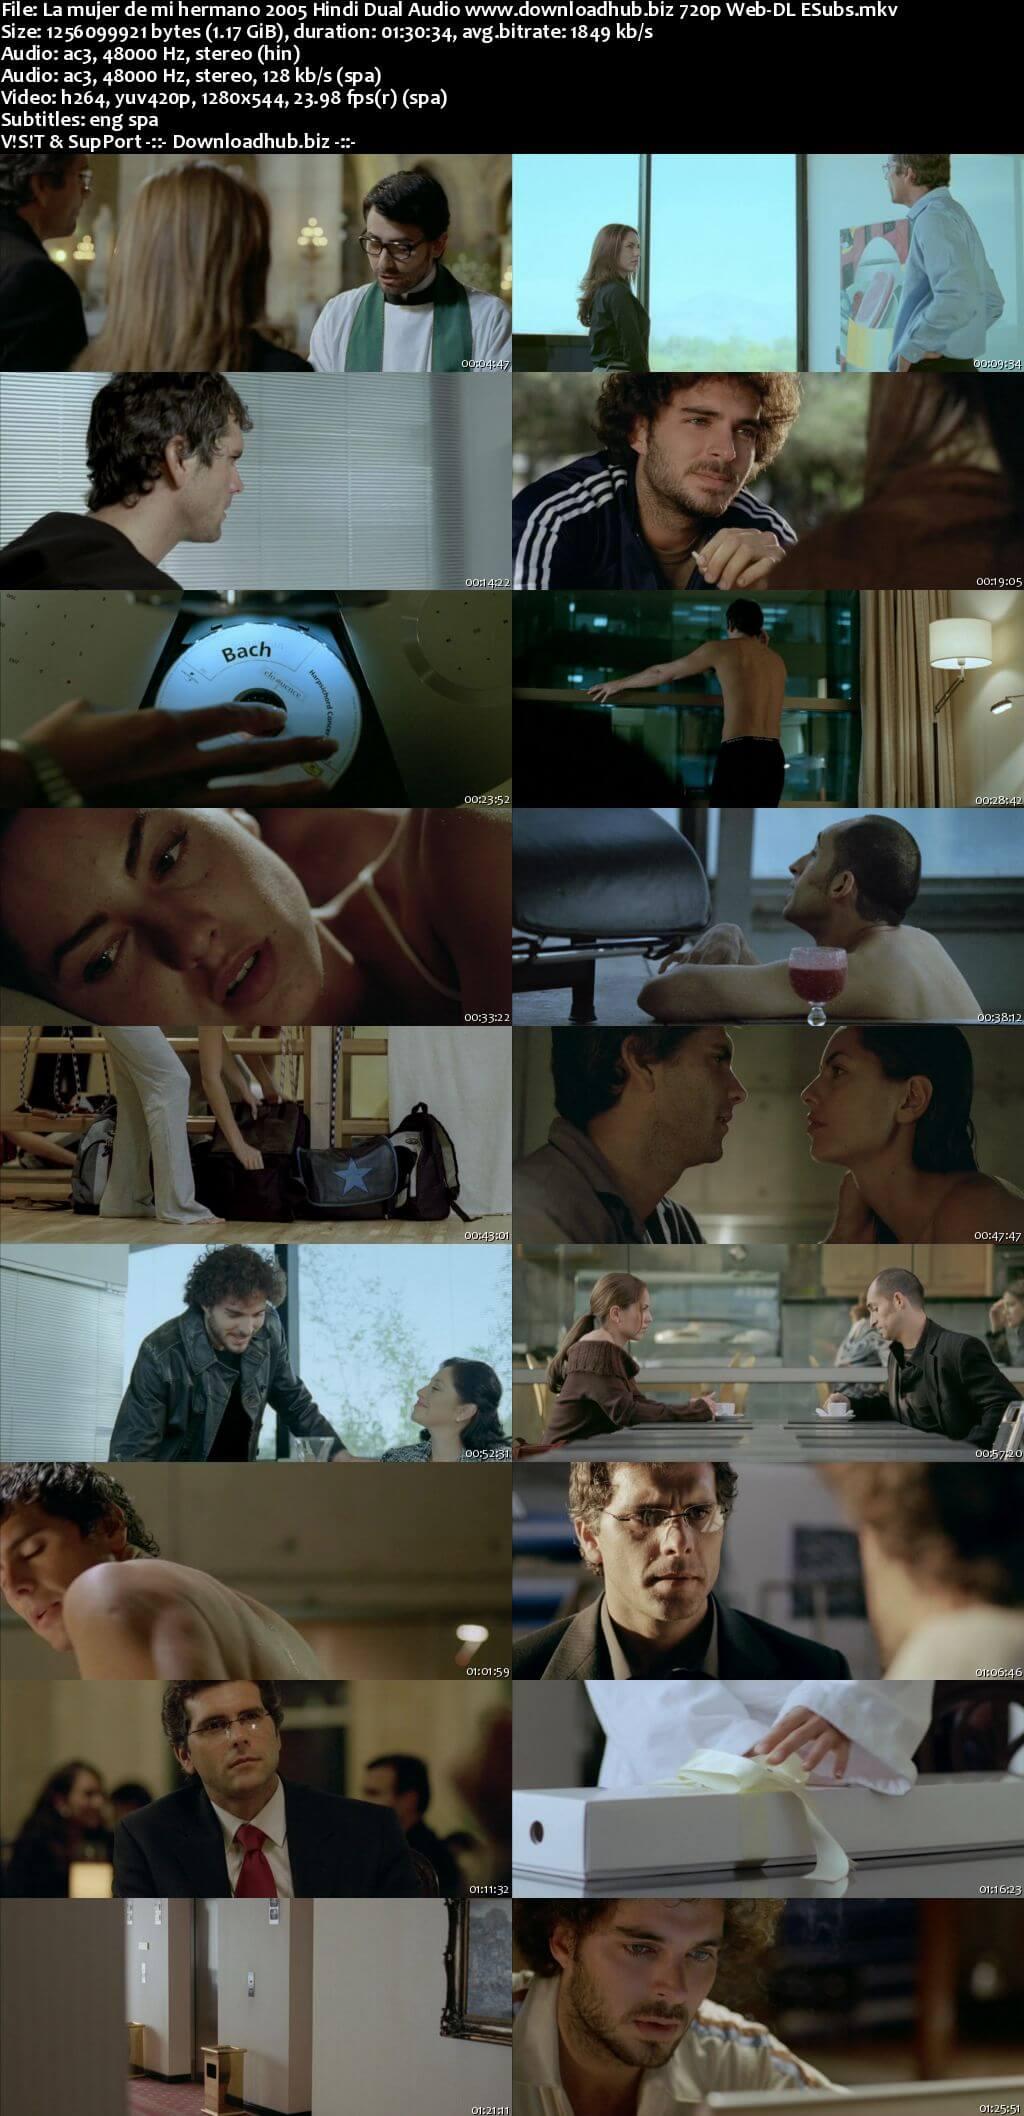 La mujer de mi hermano 2005 Hindi Dual Audio 720p Web-DL ESubs